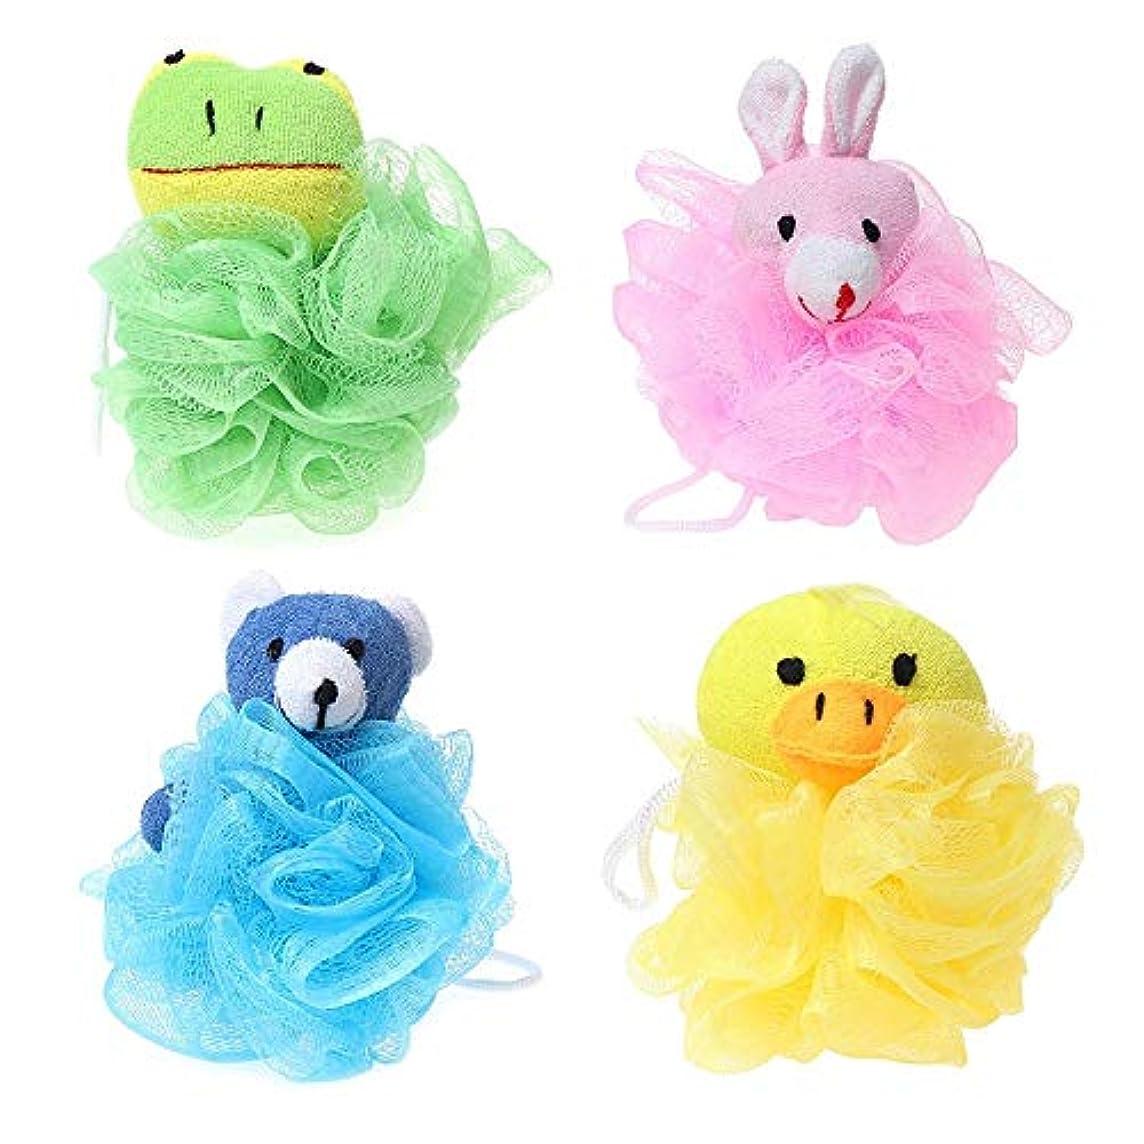 パズルひそかに恐れTOOGOO 子供用おもちゃクッションパフメッシュぬいぐるみ付き(4パック)カエル、アヒル、ウサギ、クマ